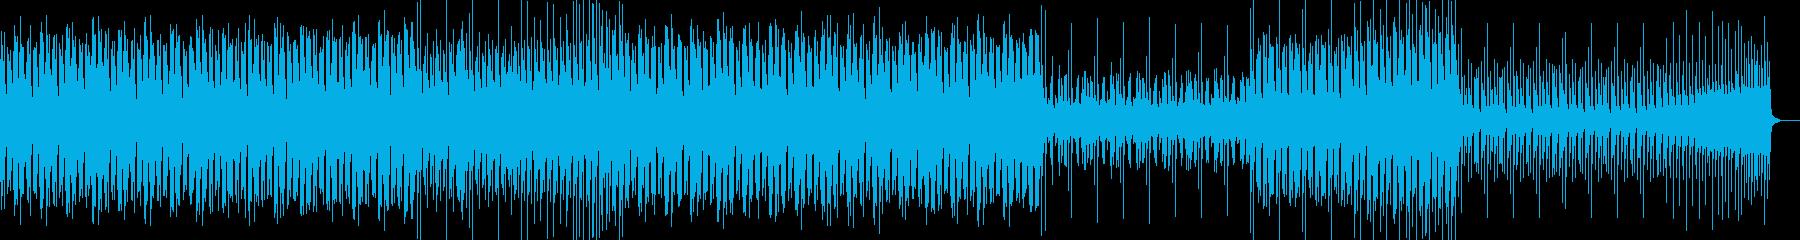 踊れるエレクトロスウィング風BGMの再生済みの波形